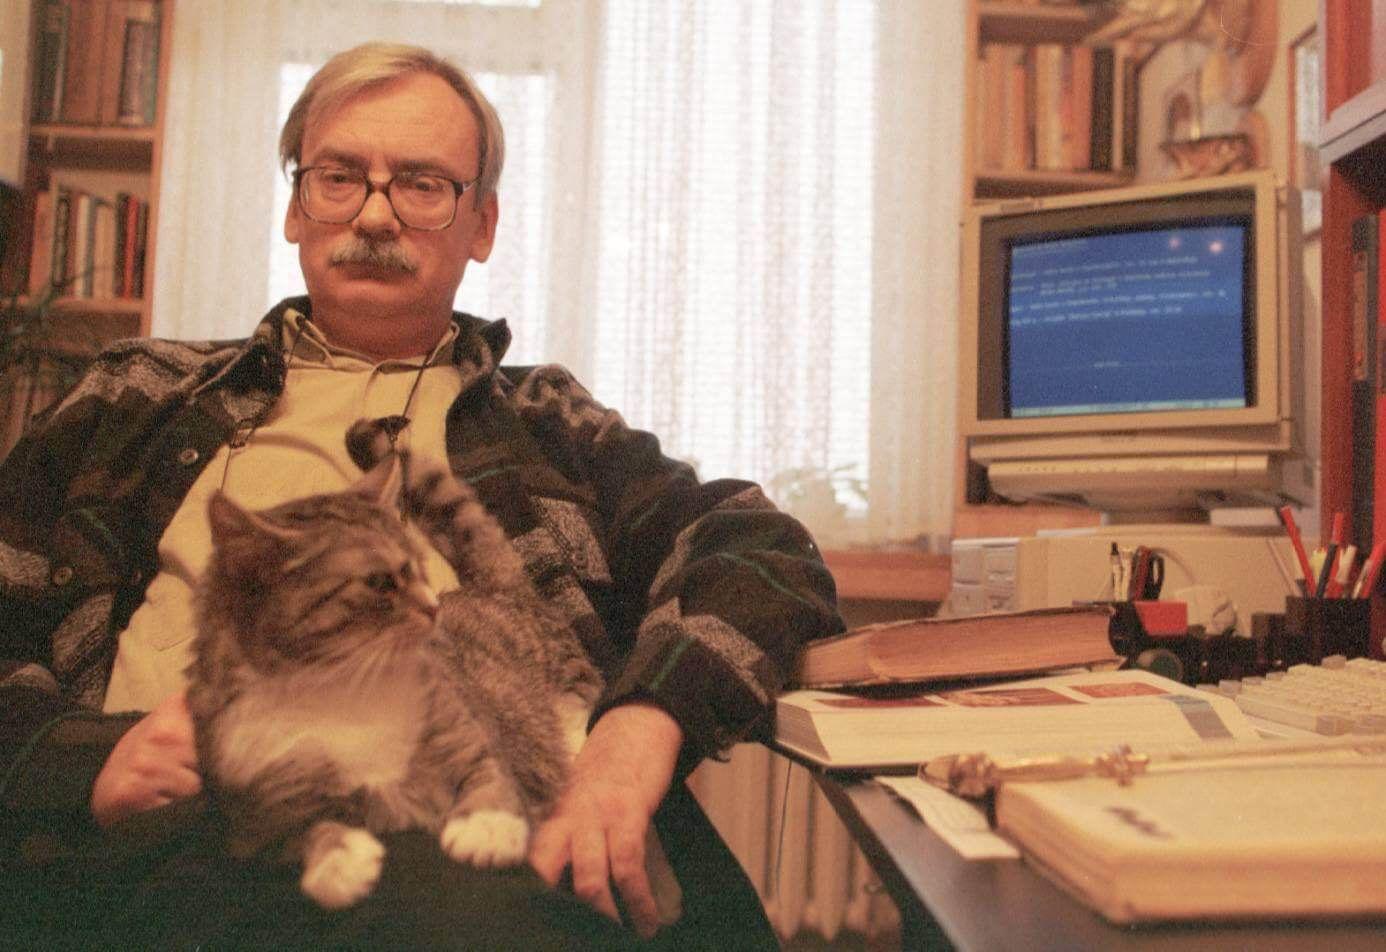 Анджей Сапковский скотом, год неизвестен. Источник: reddit.com